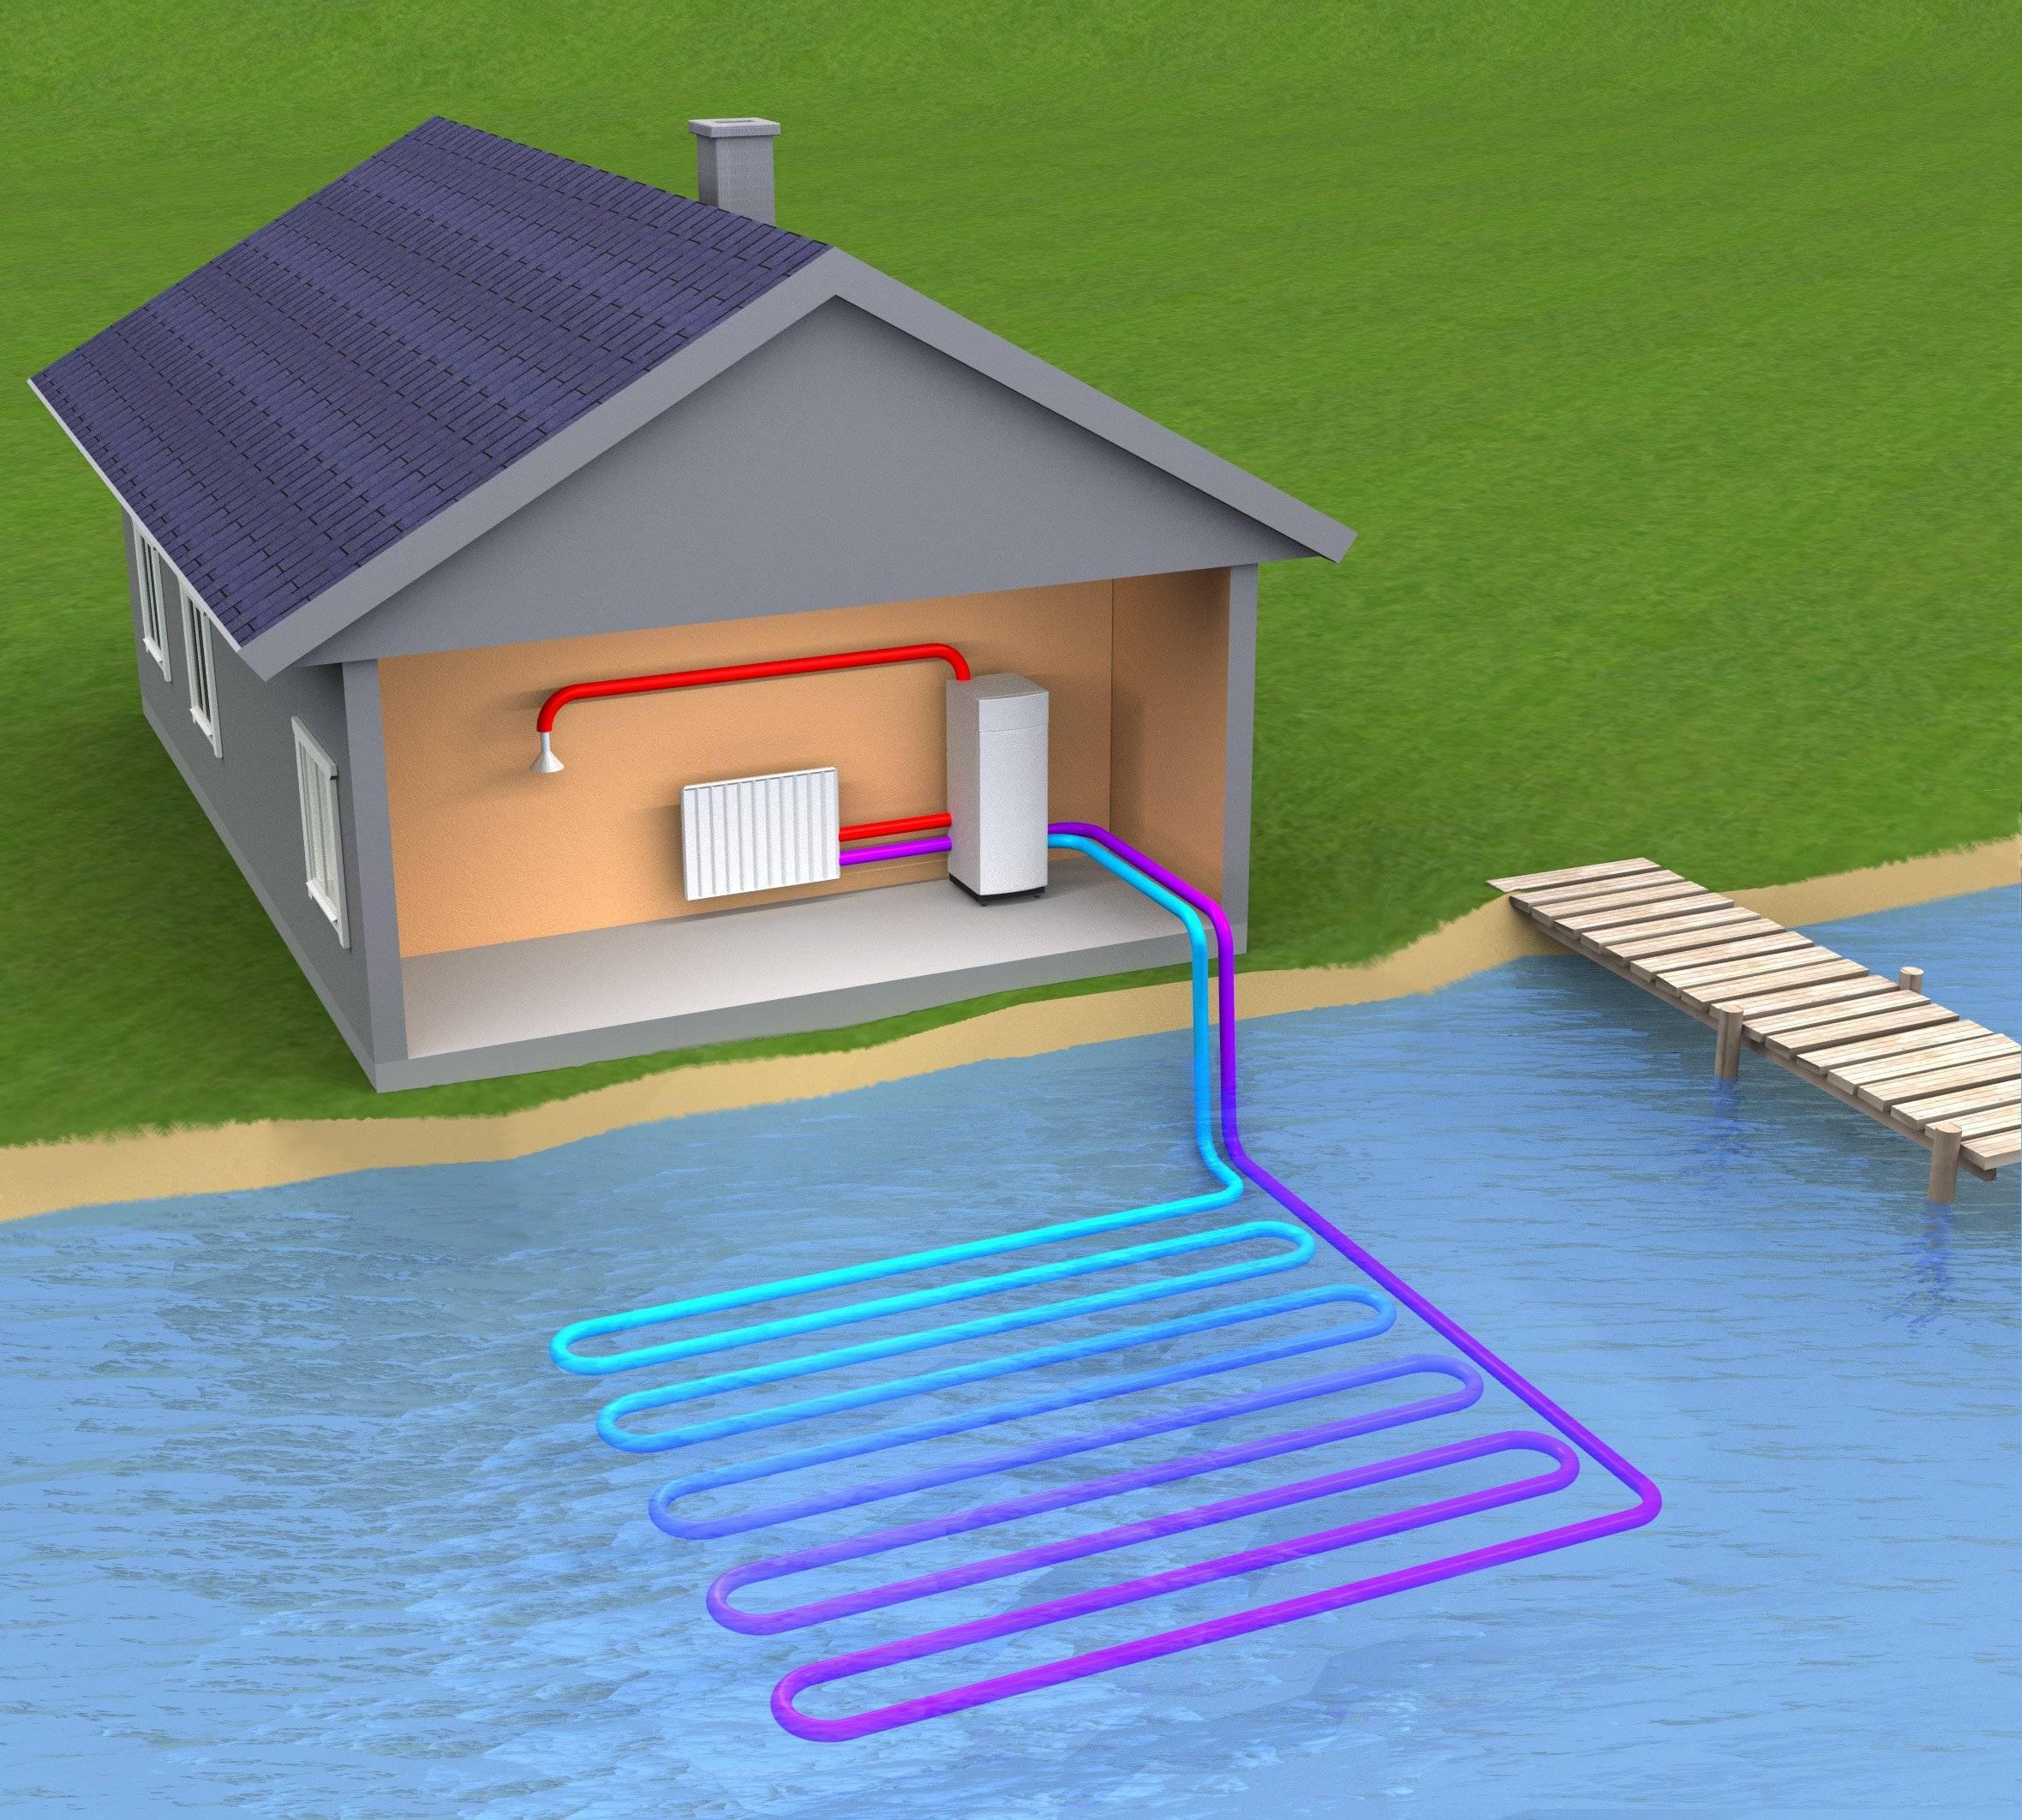 Геотермальное отопление своими руками: пошаговая инструкция по организации системы